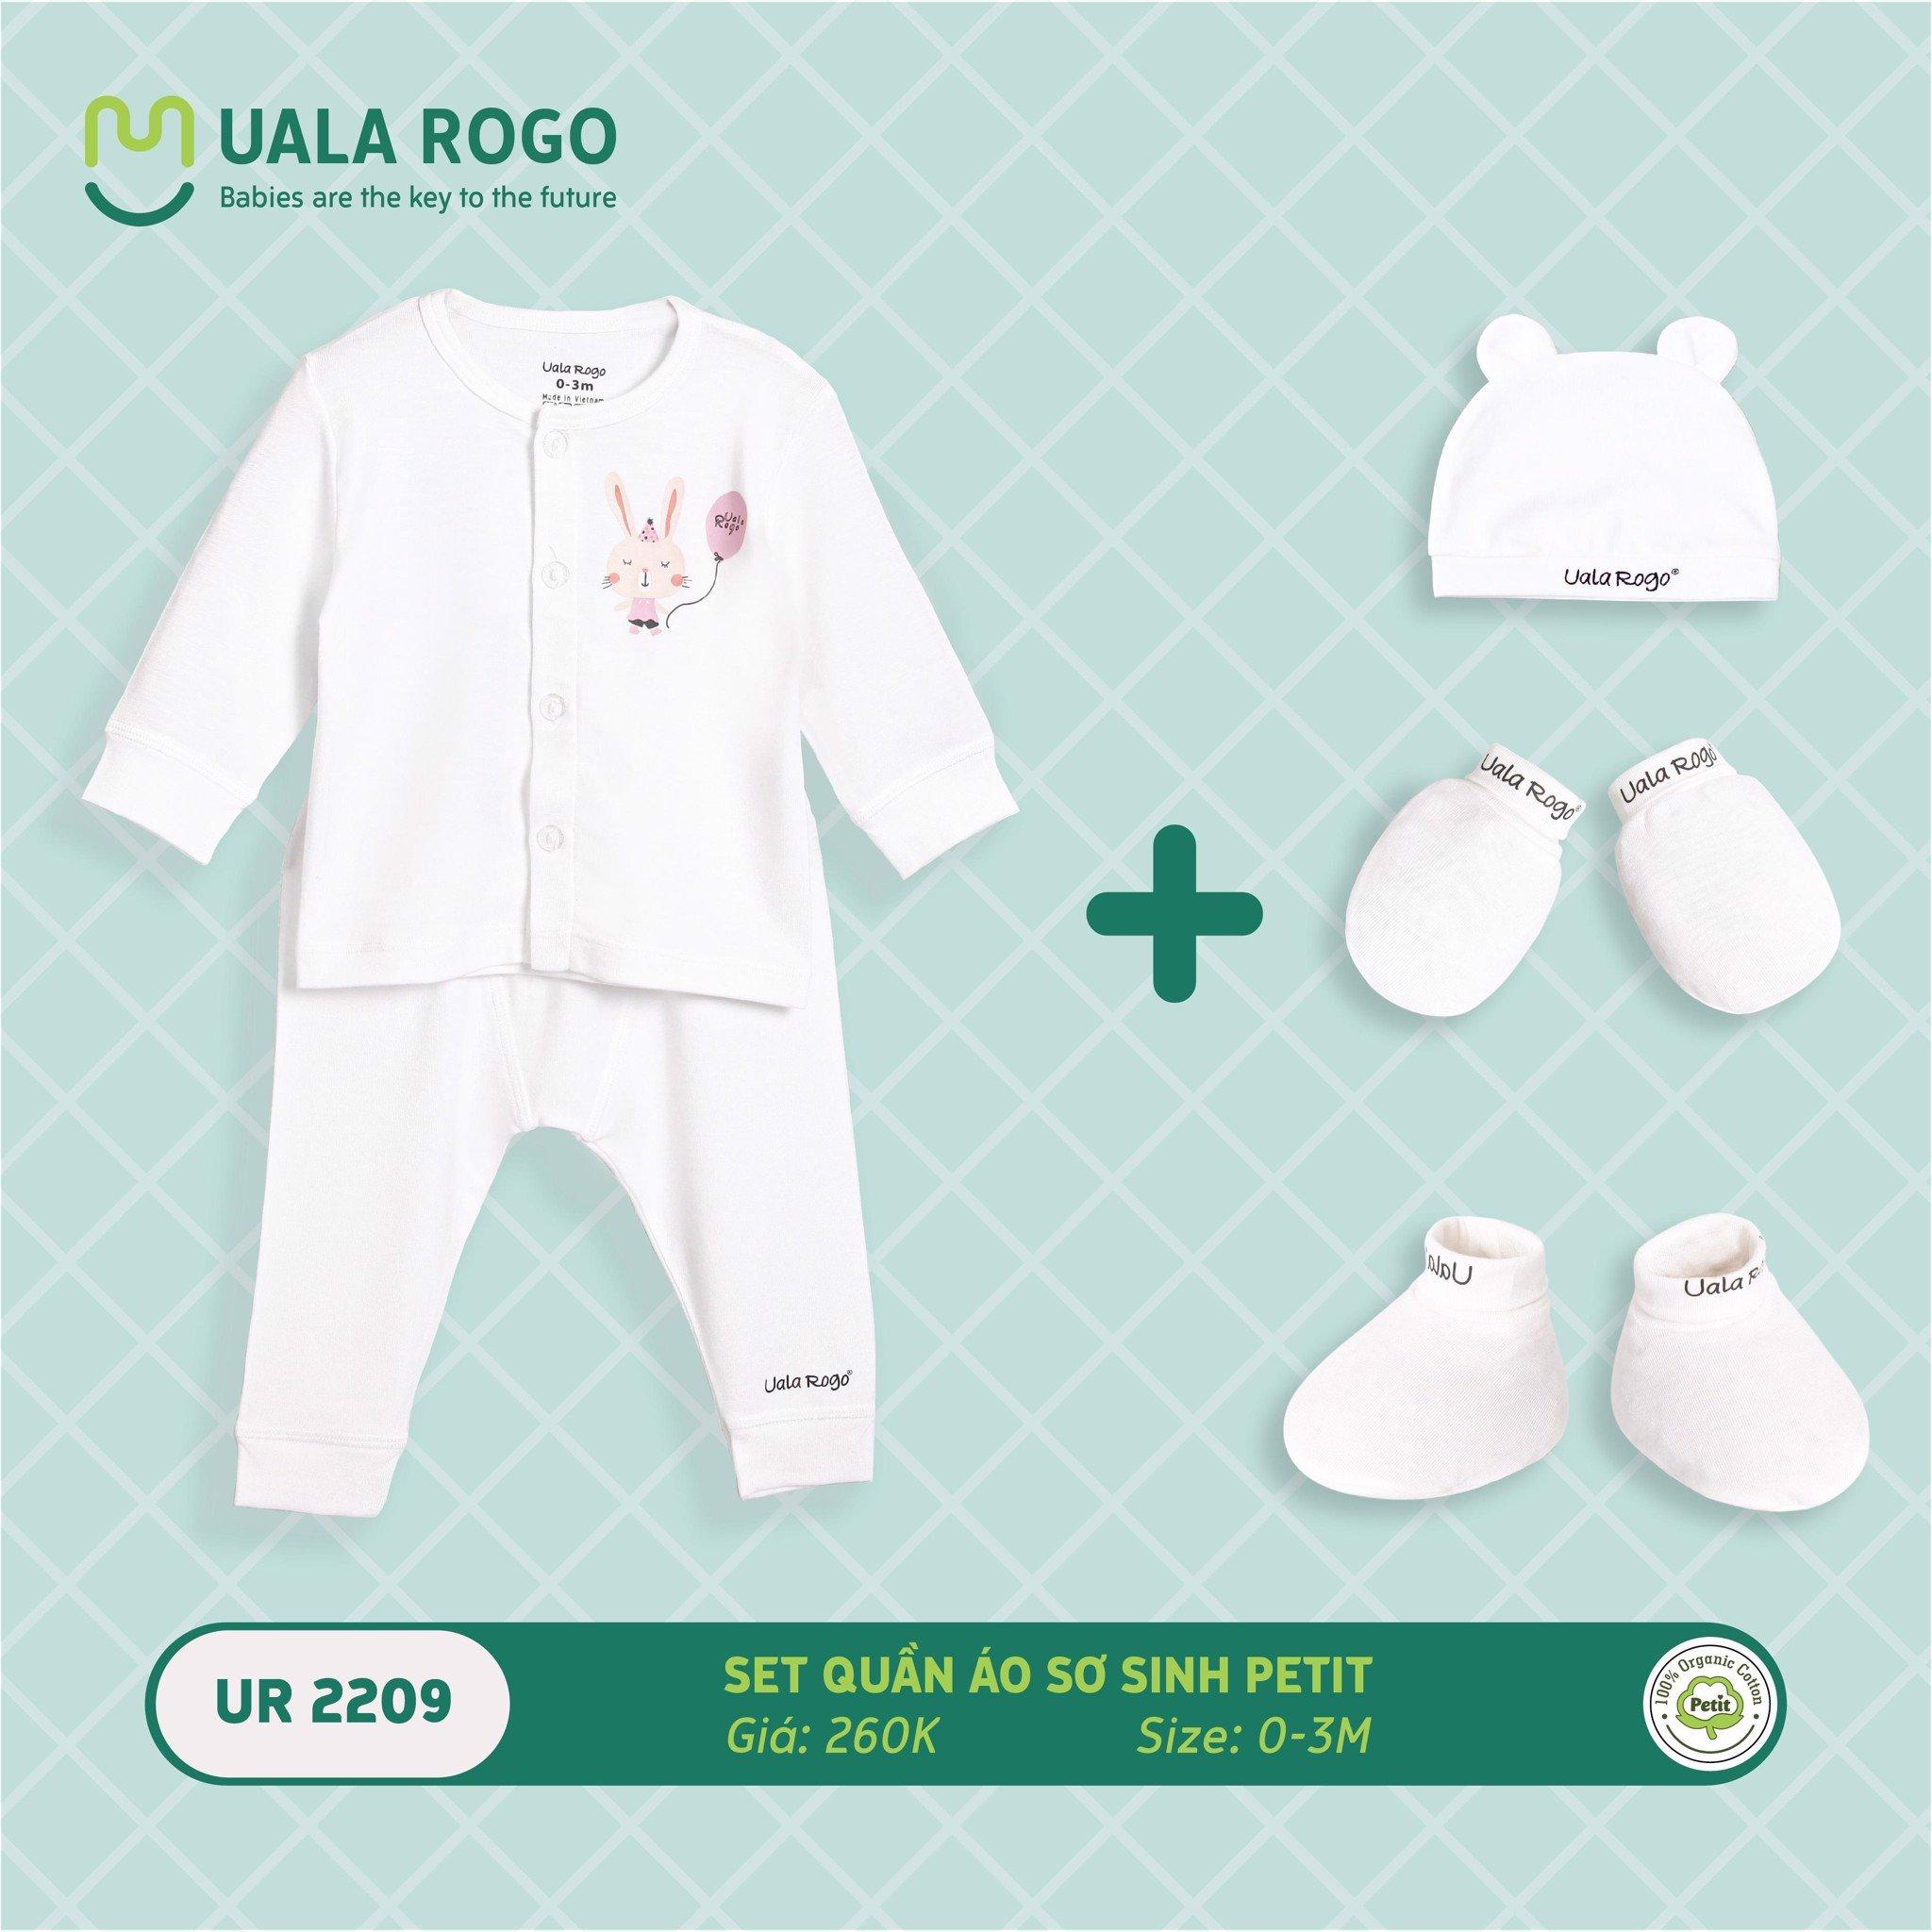 Set quần áo sơ sinh Petit Ualarogo